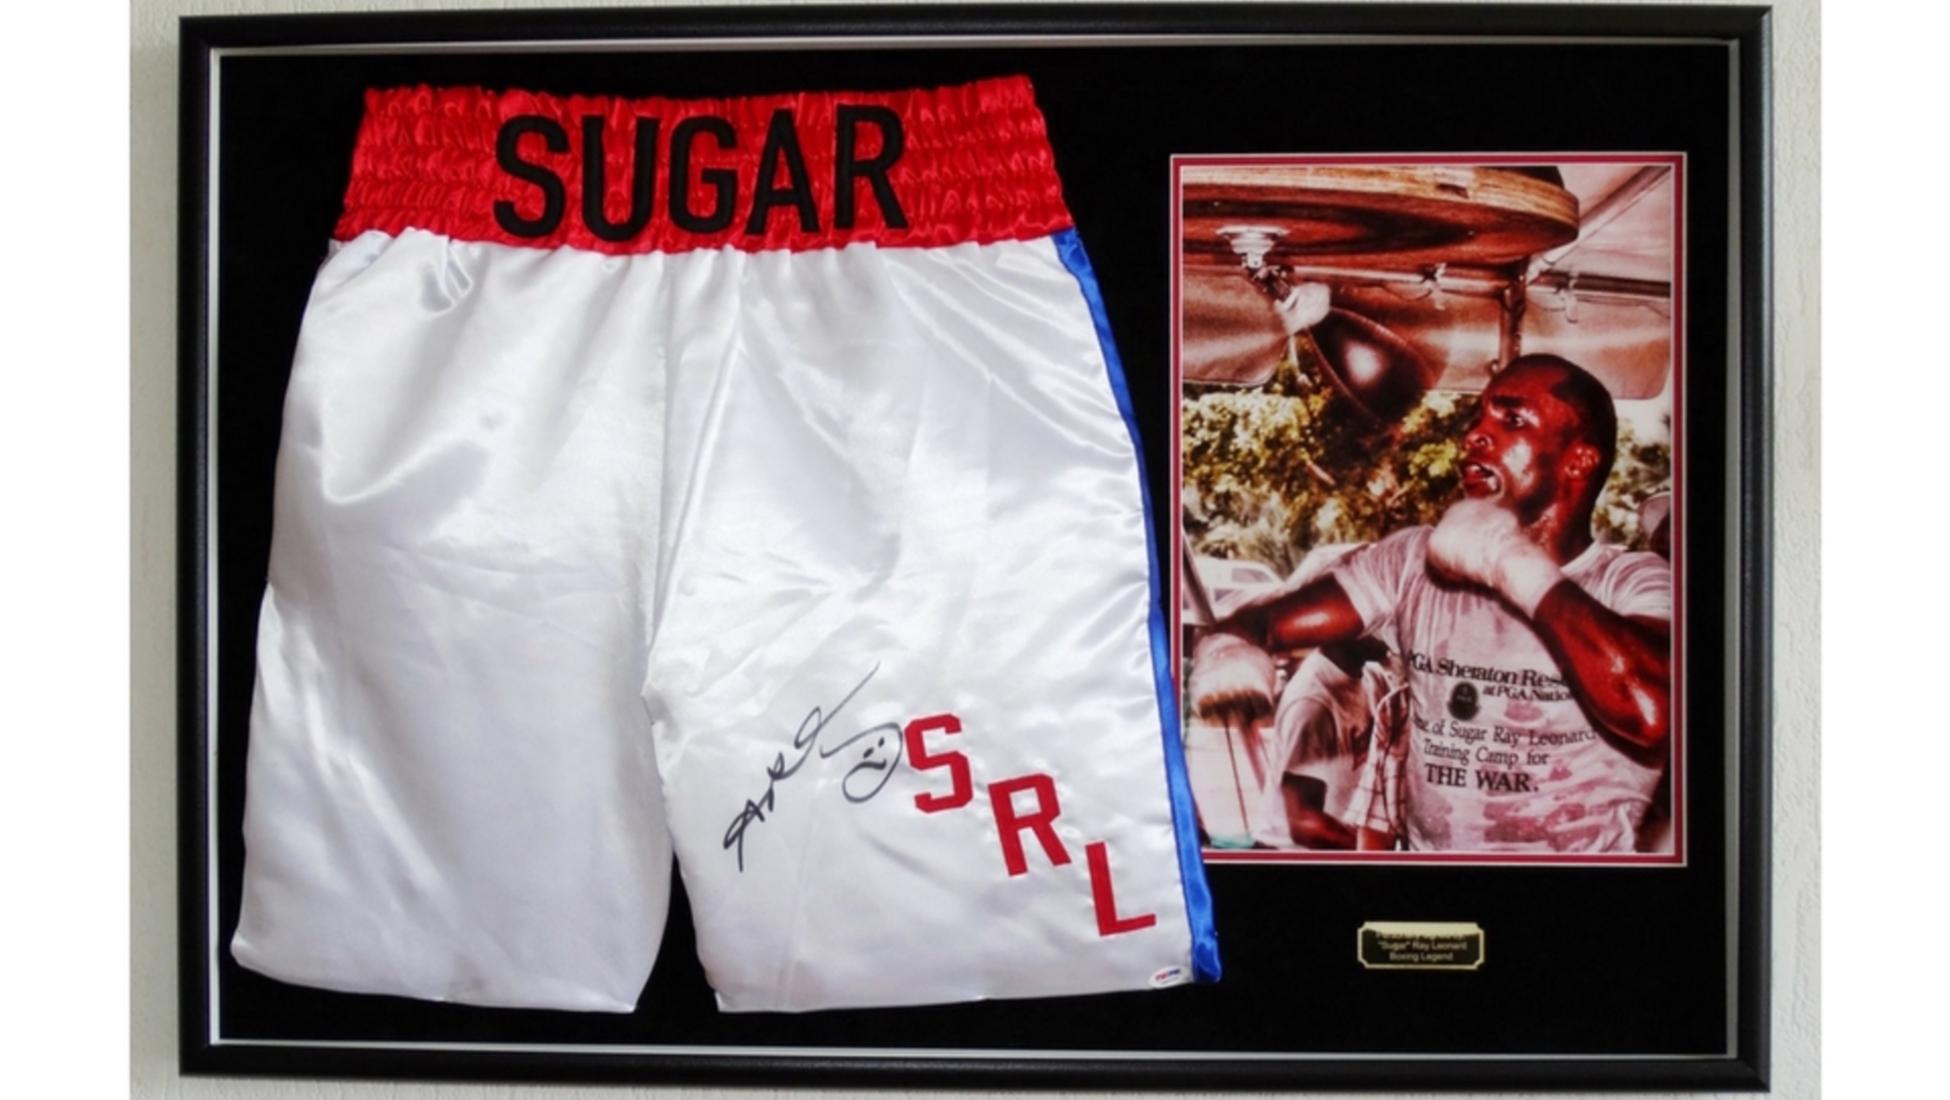 Con el inminente UFC 220 puedes estar seguro de que esos entusiastas  estarán buscando un artículo de memorabilia de su deporte favorito. 9ea57f21b0172